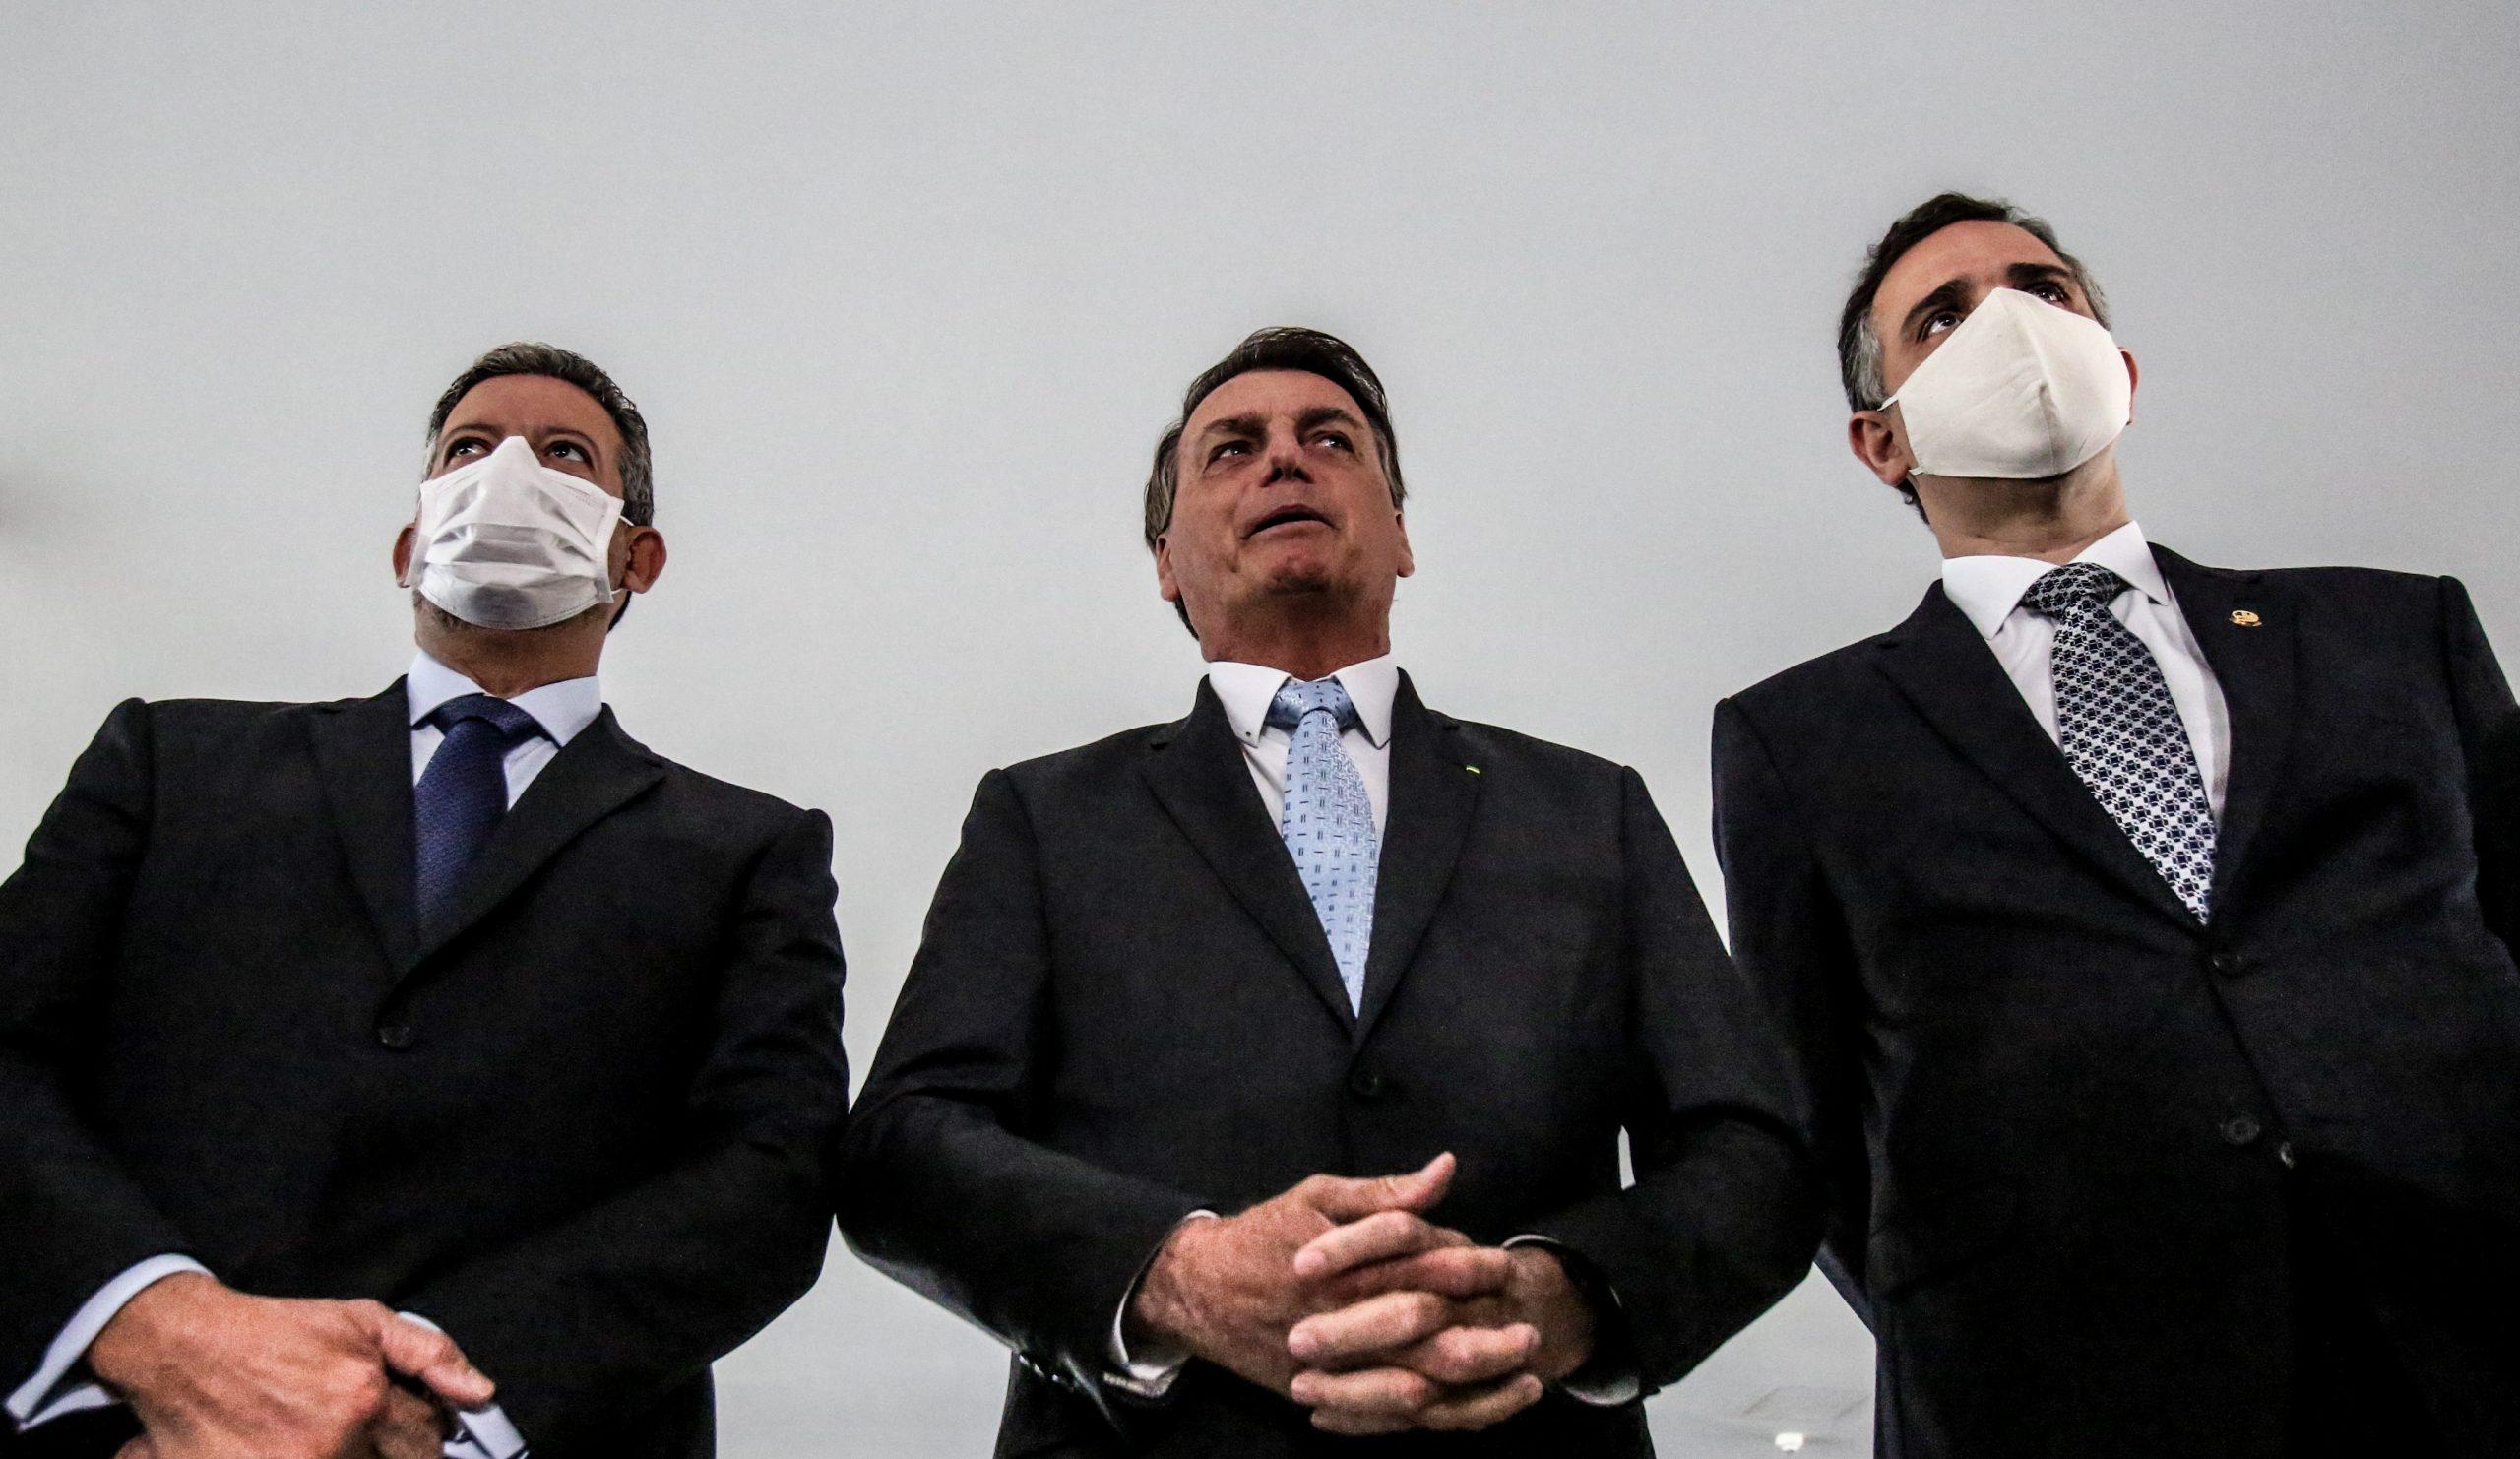 O presidente Jair Bolsonaro recebe os novos presidentes da Câmara, Arthur Lira (PP-AL) e do Senado Rodrigo Pacheco (DEM-MG). Foto: Gabriela Biló/Estadão Conteúdo